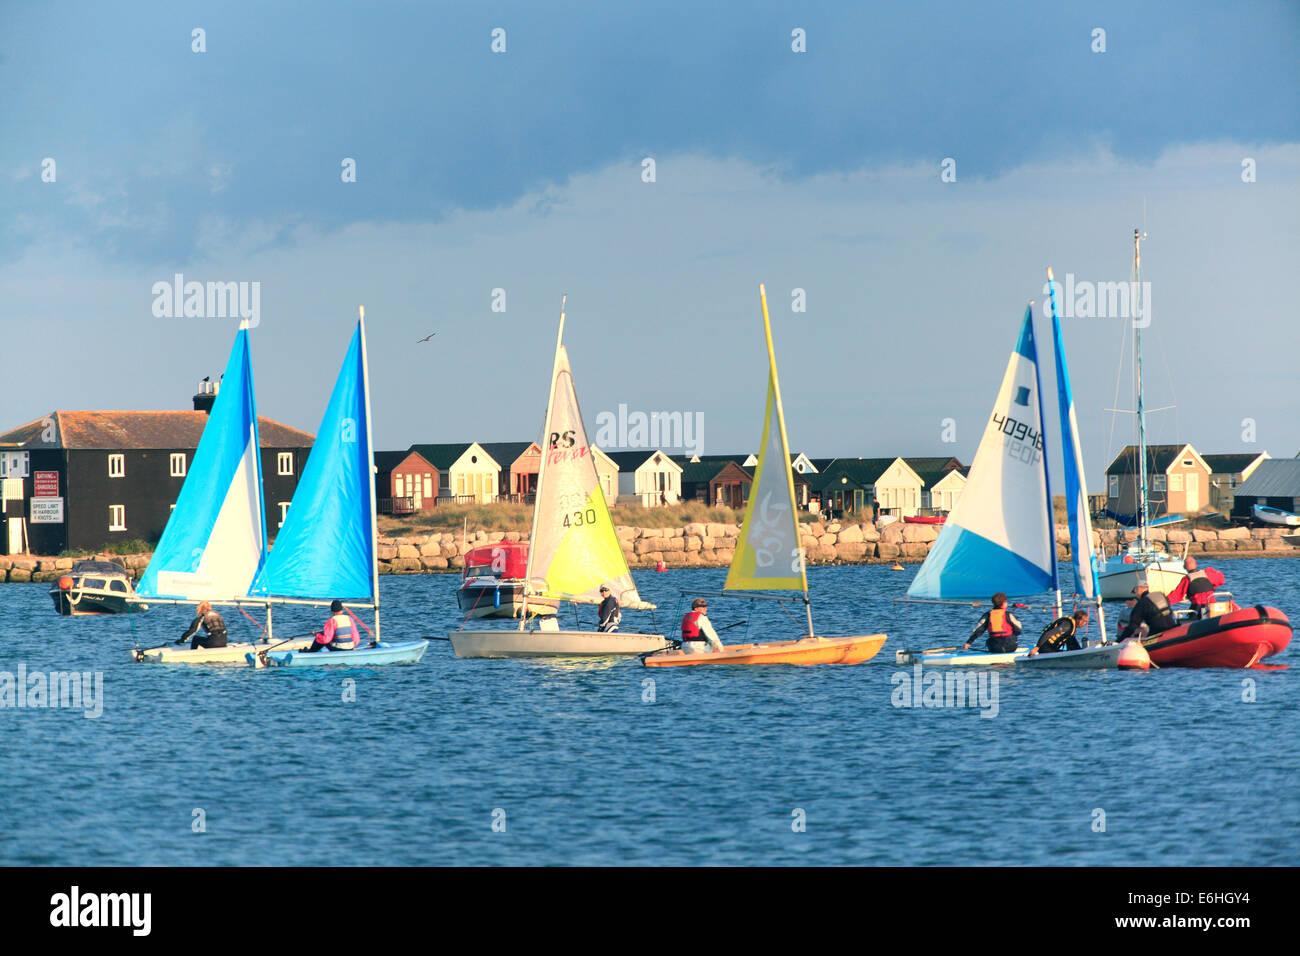 Sailing in Mudeford  Bay Hengistbury Head - Stock Image